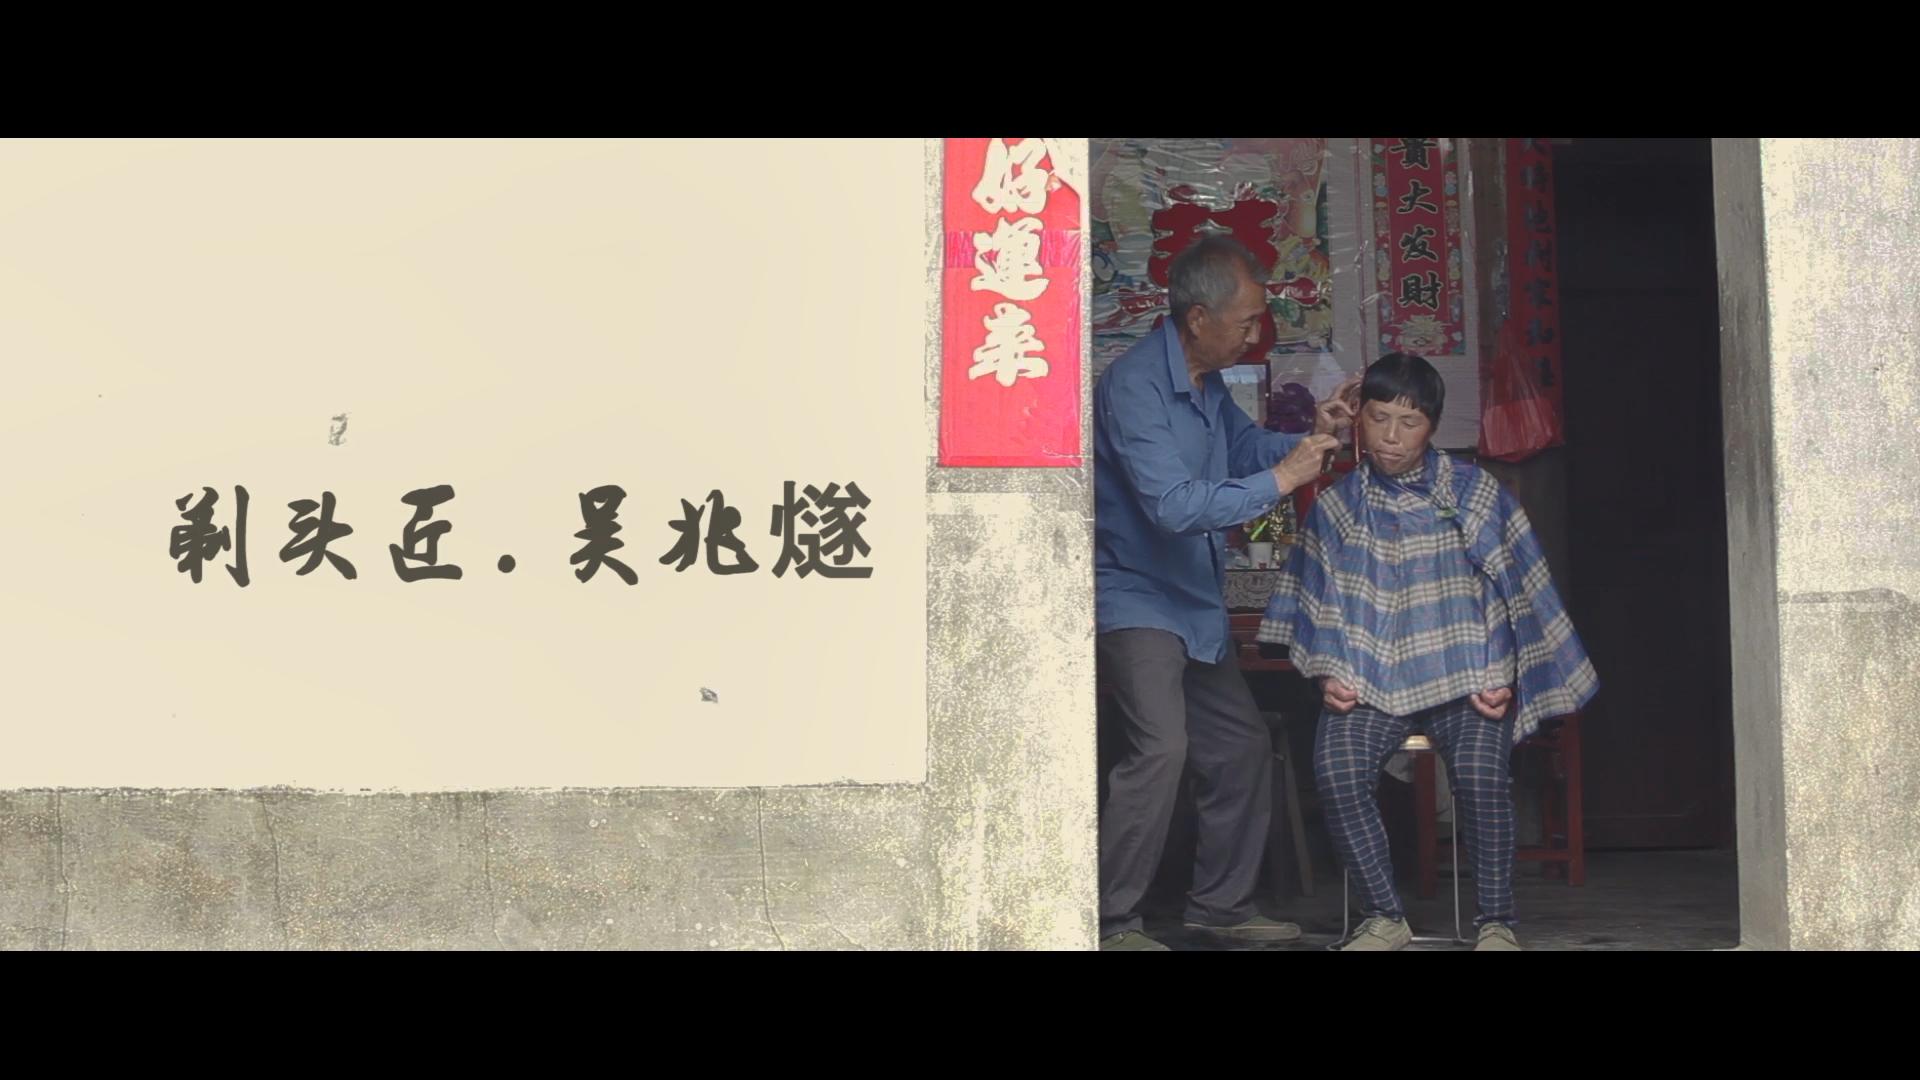 黄山【剃头匠[00_00_50][20190911-093216].png